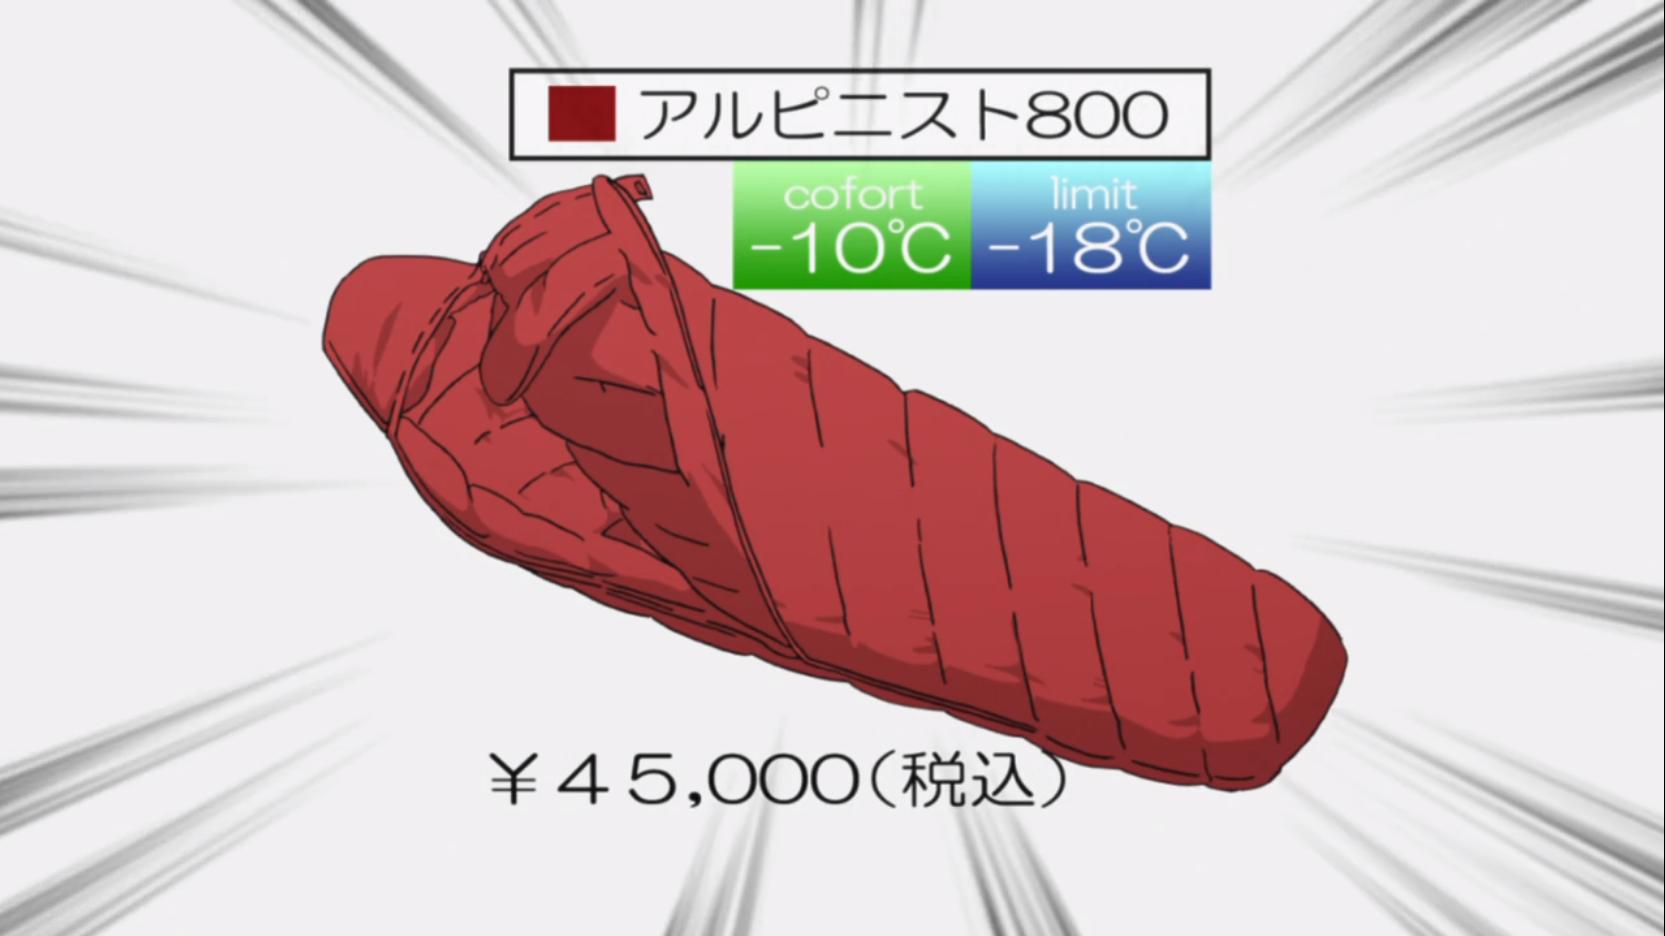 アニメ『ゆるキャン△』10話の斉藤さんが買った寝袋